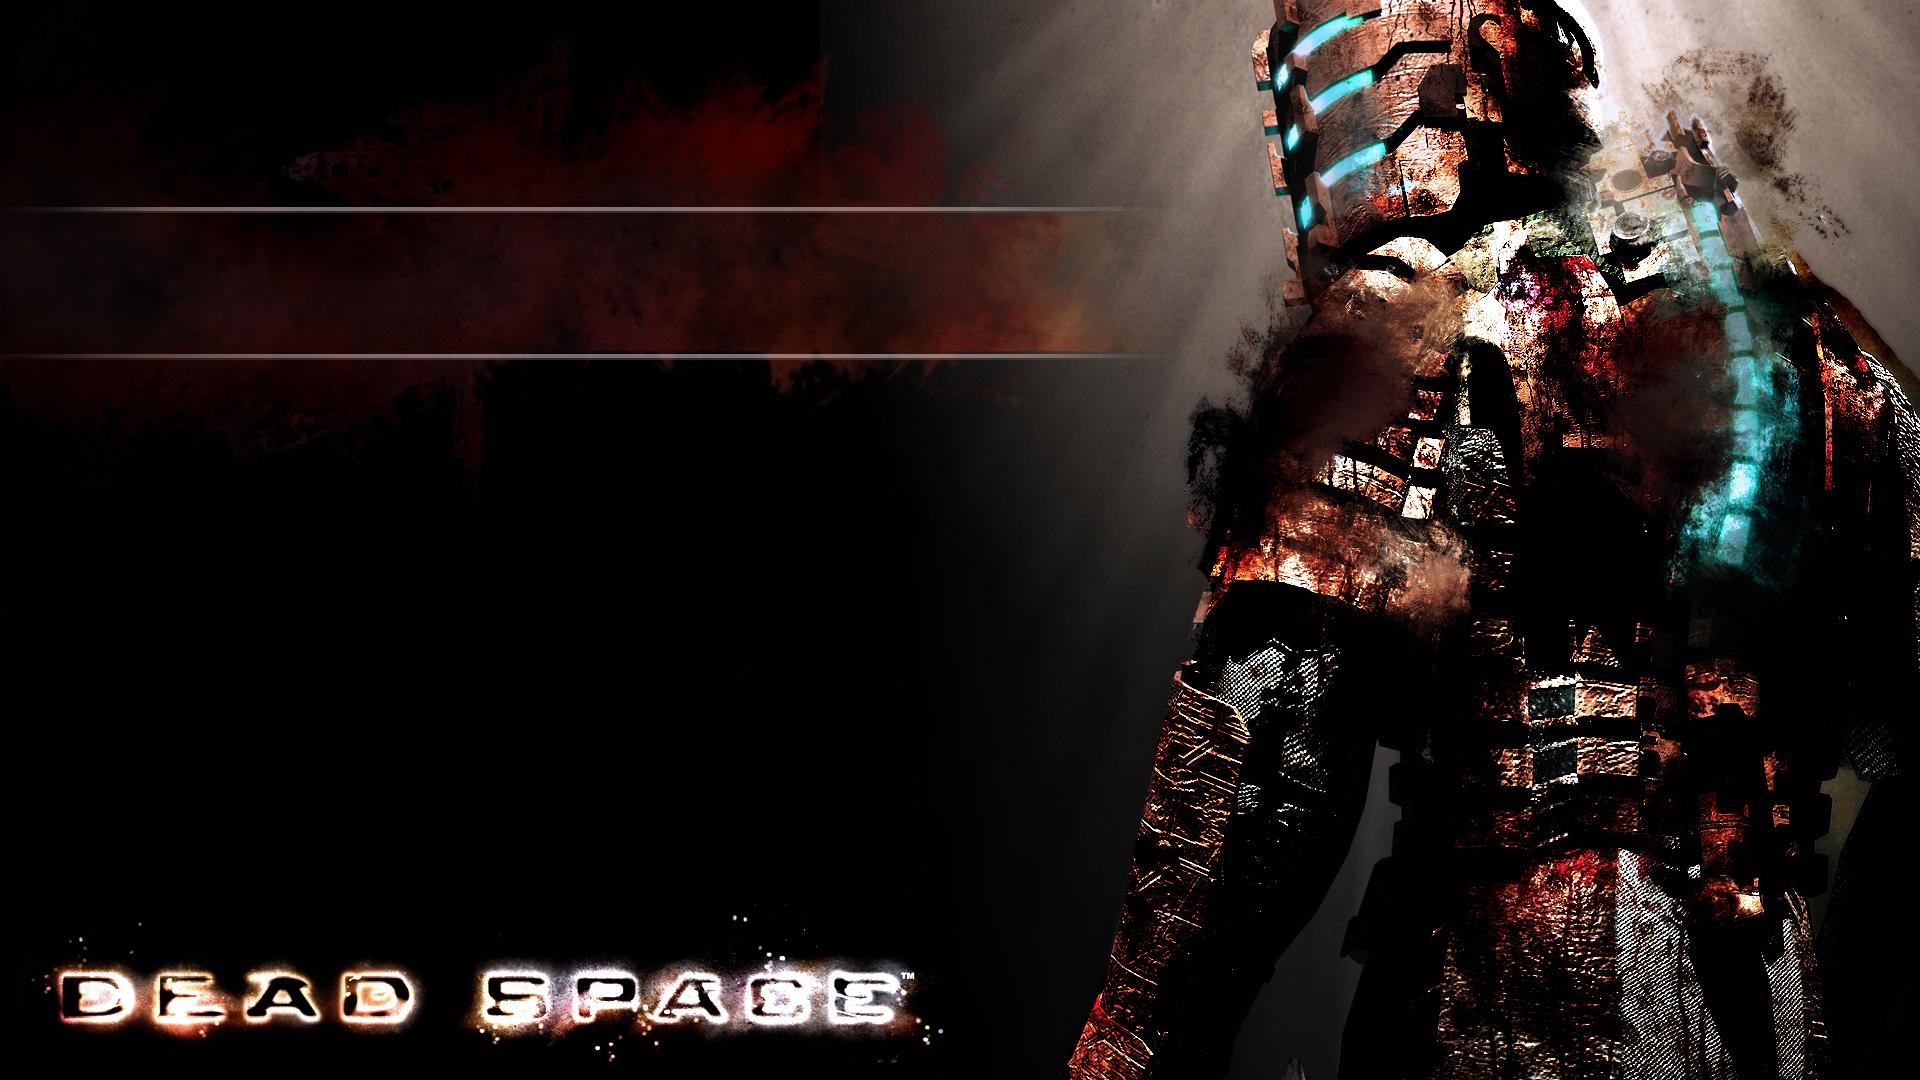 Dead Space 3 (Jeu Xbox 360) - Images, vidéos, astuces et avis